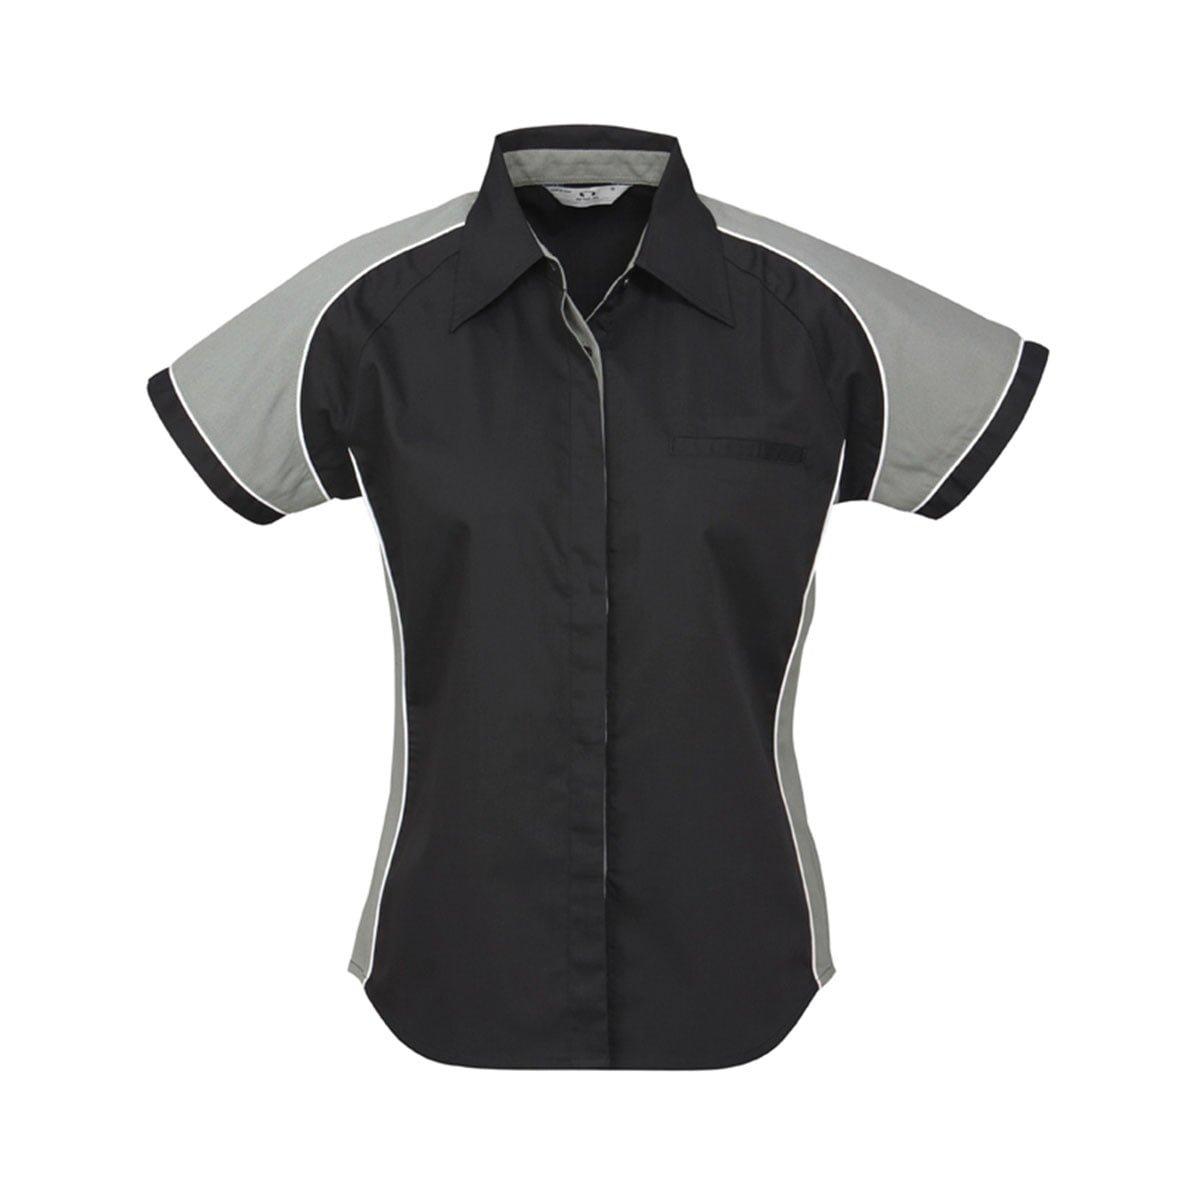 Ladies Nitro Shirt-Black / Grey / White